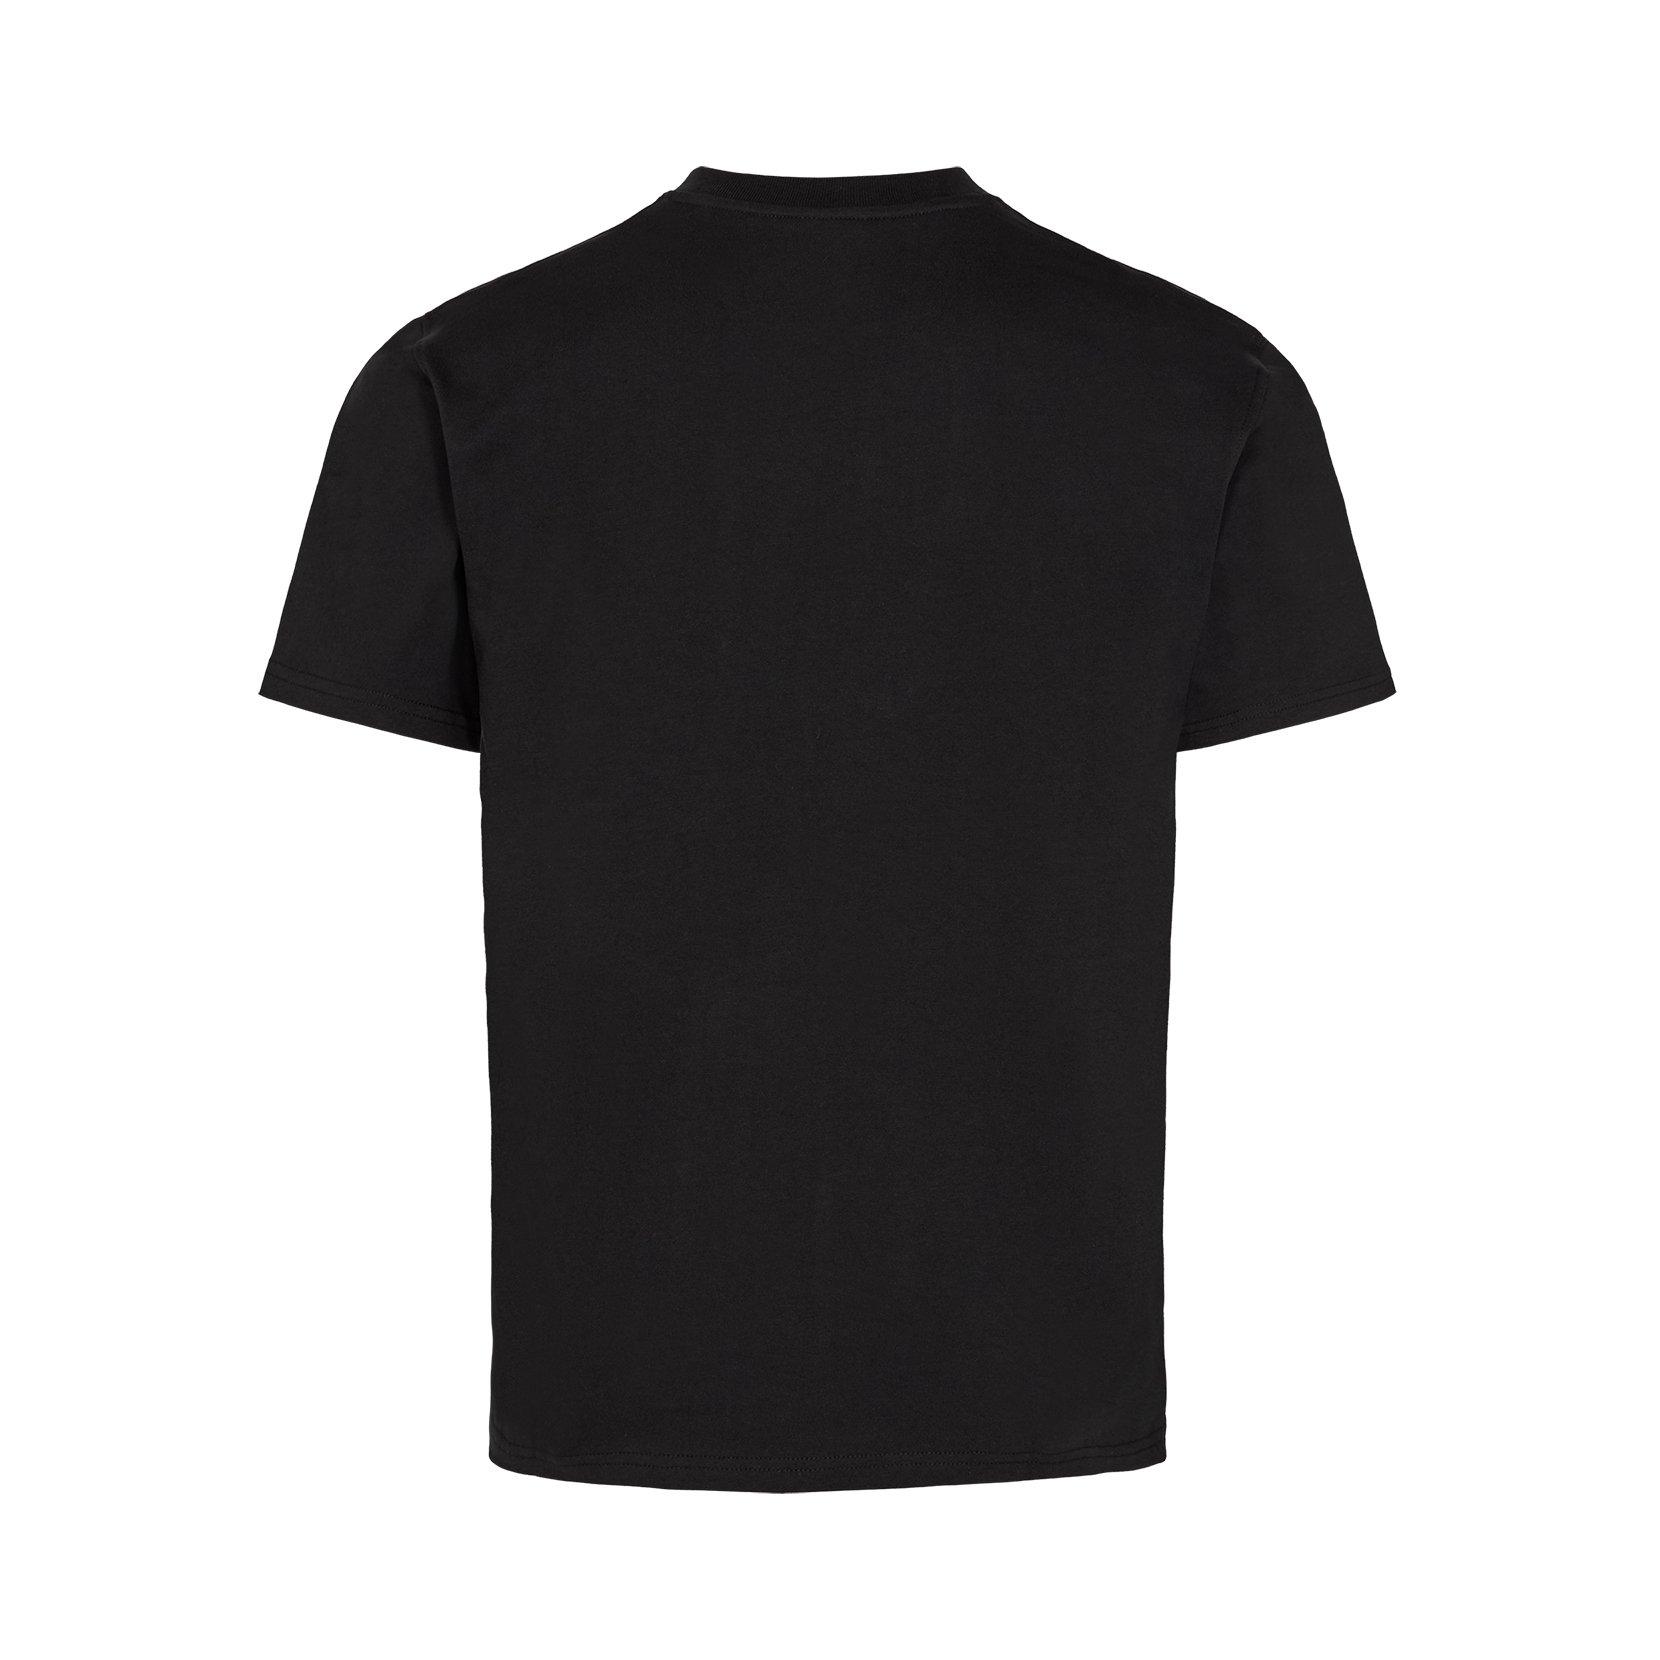 H2O Lilleø SS t-shirt, black, small